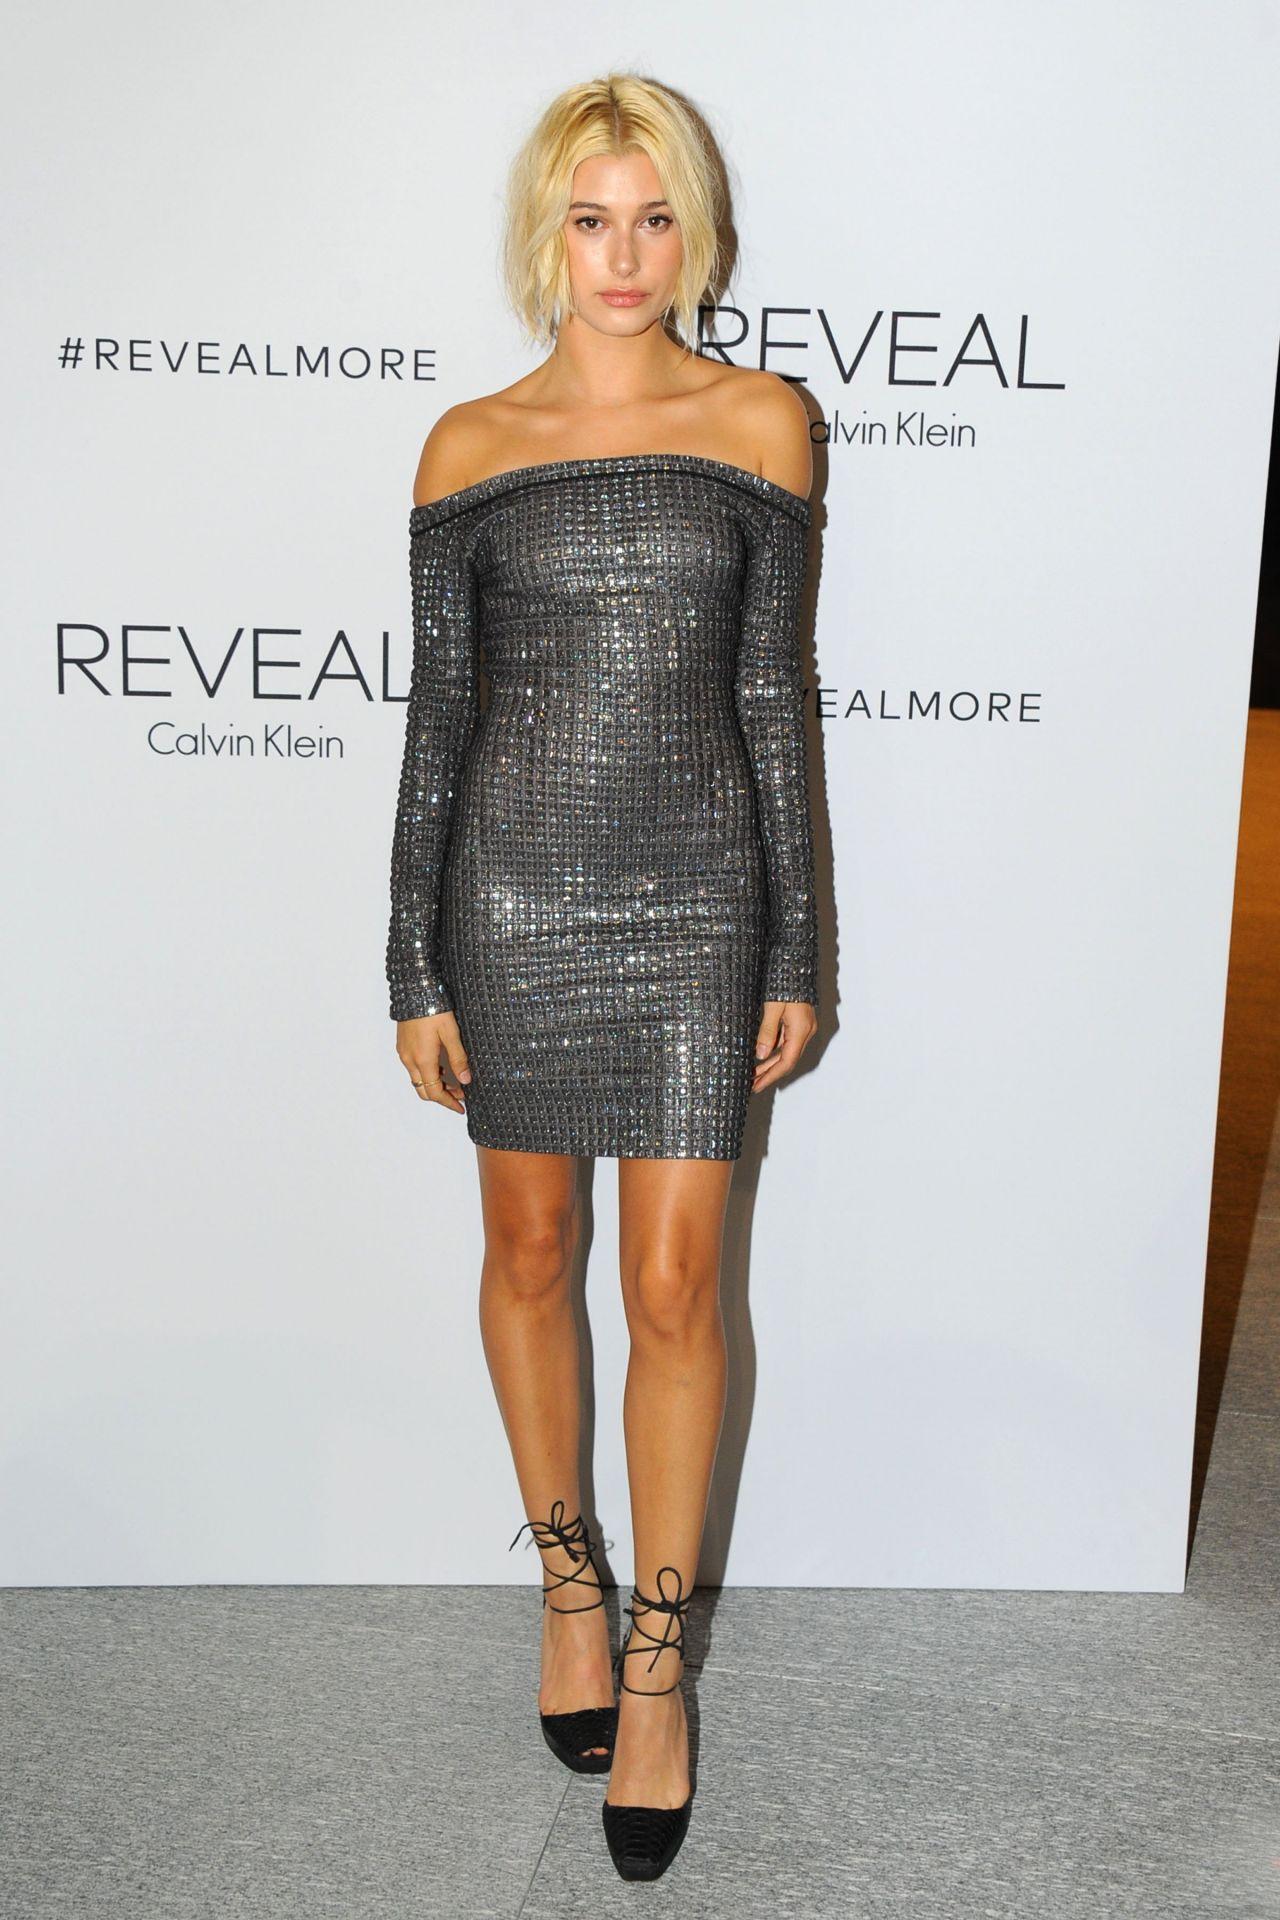 September 2014 Issue: REVEAL Calvin Klein Fragrance Launch In